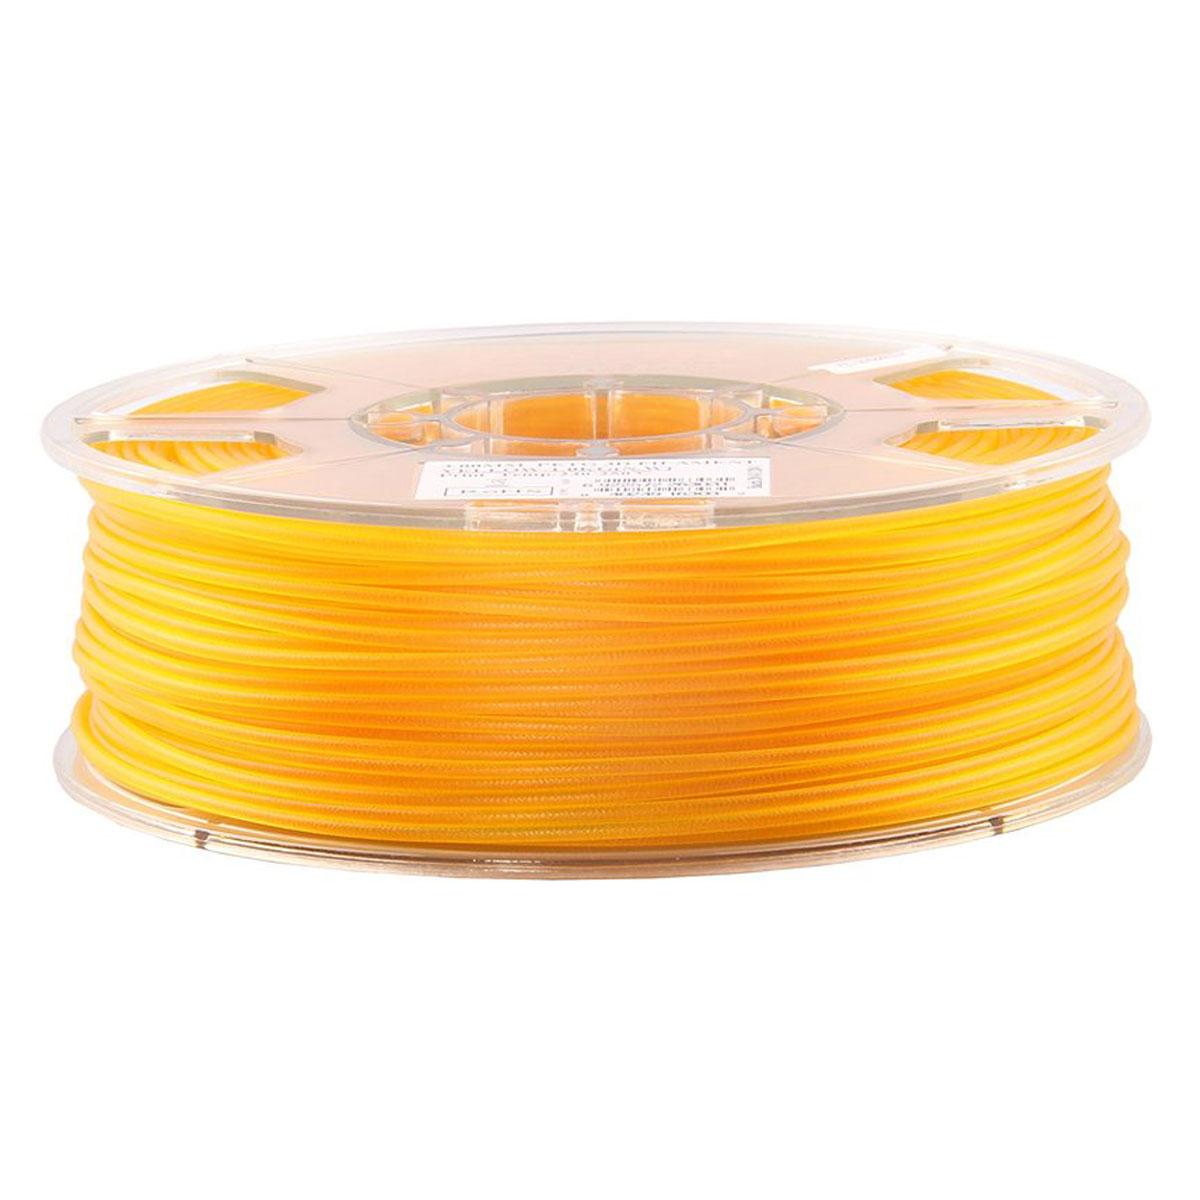 ESUN пластик PLA в катушке, Yellow, 1,75 ммPLA175Y1Пластик PLA от ESUN долговечный и очень прочный полимер, ударопрочный, эластичный и стойкий к моющим средствам и щелочам. Один из лучших материалов для печати на 3D принтере. Пластик не имеет запаха и не является токсичным. Температура плавления 190-220°C. PLA пластик для 3D-принтера применяется в деталях автомобилей, канцелярских изделиях, корпусах бытовой техники, мебели, сантехники, а также в производстве игрушек, сувениров, спортивного инвентаря, деталей оружия, медицинского оборудования и прочего. Диаметр нити: 1.75 мм